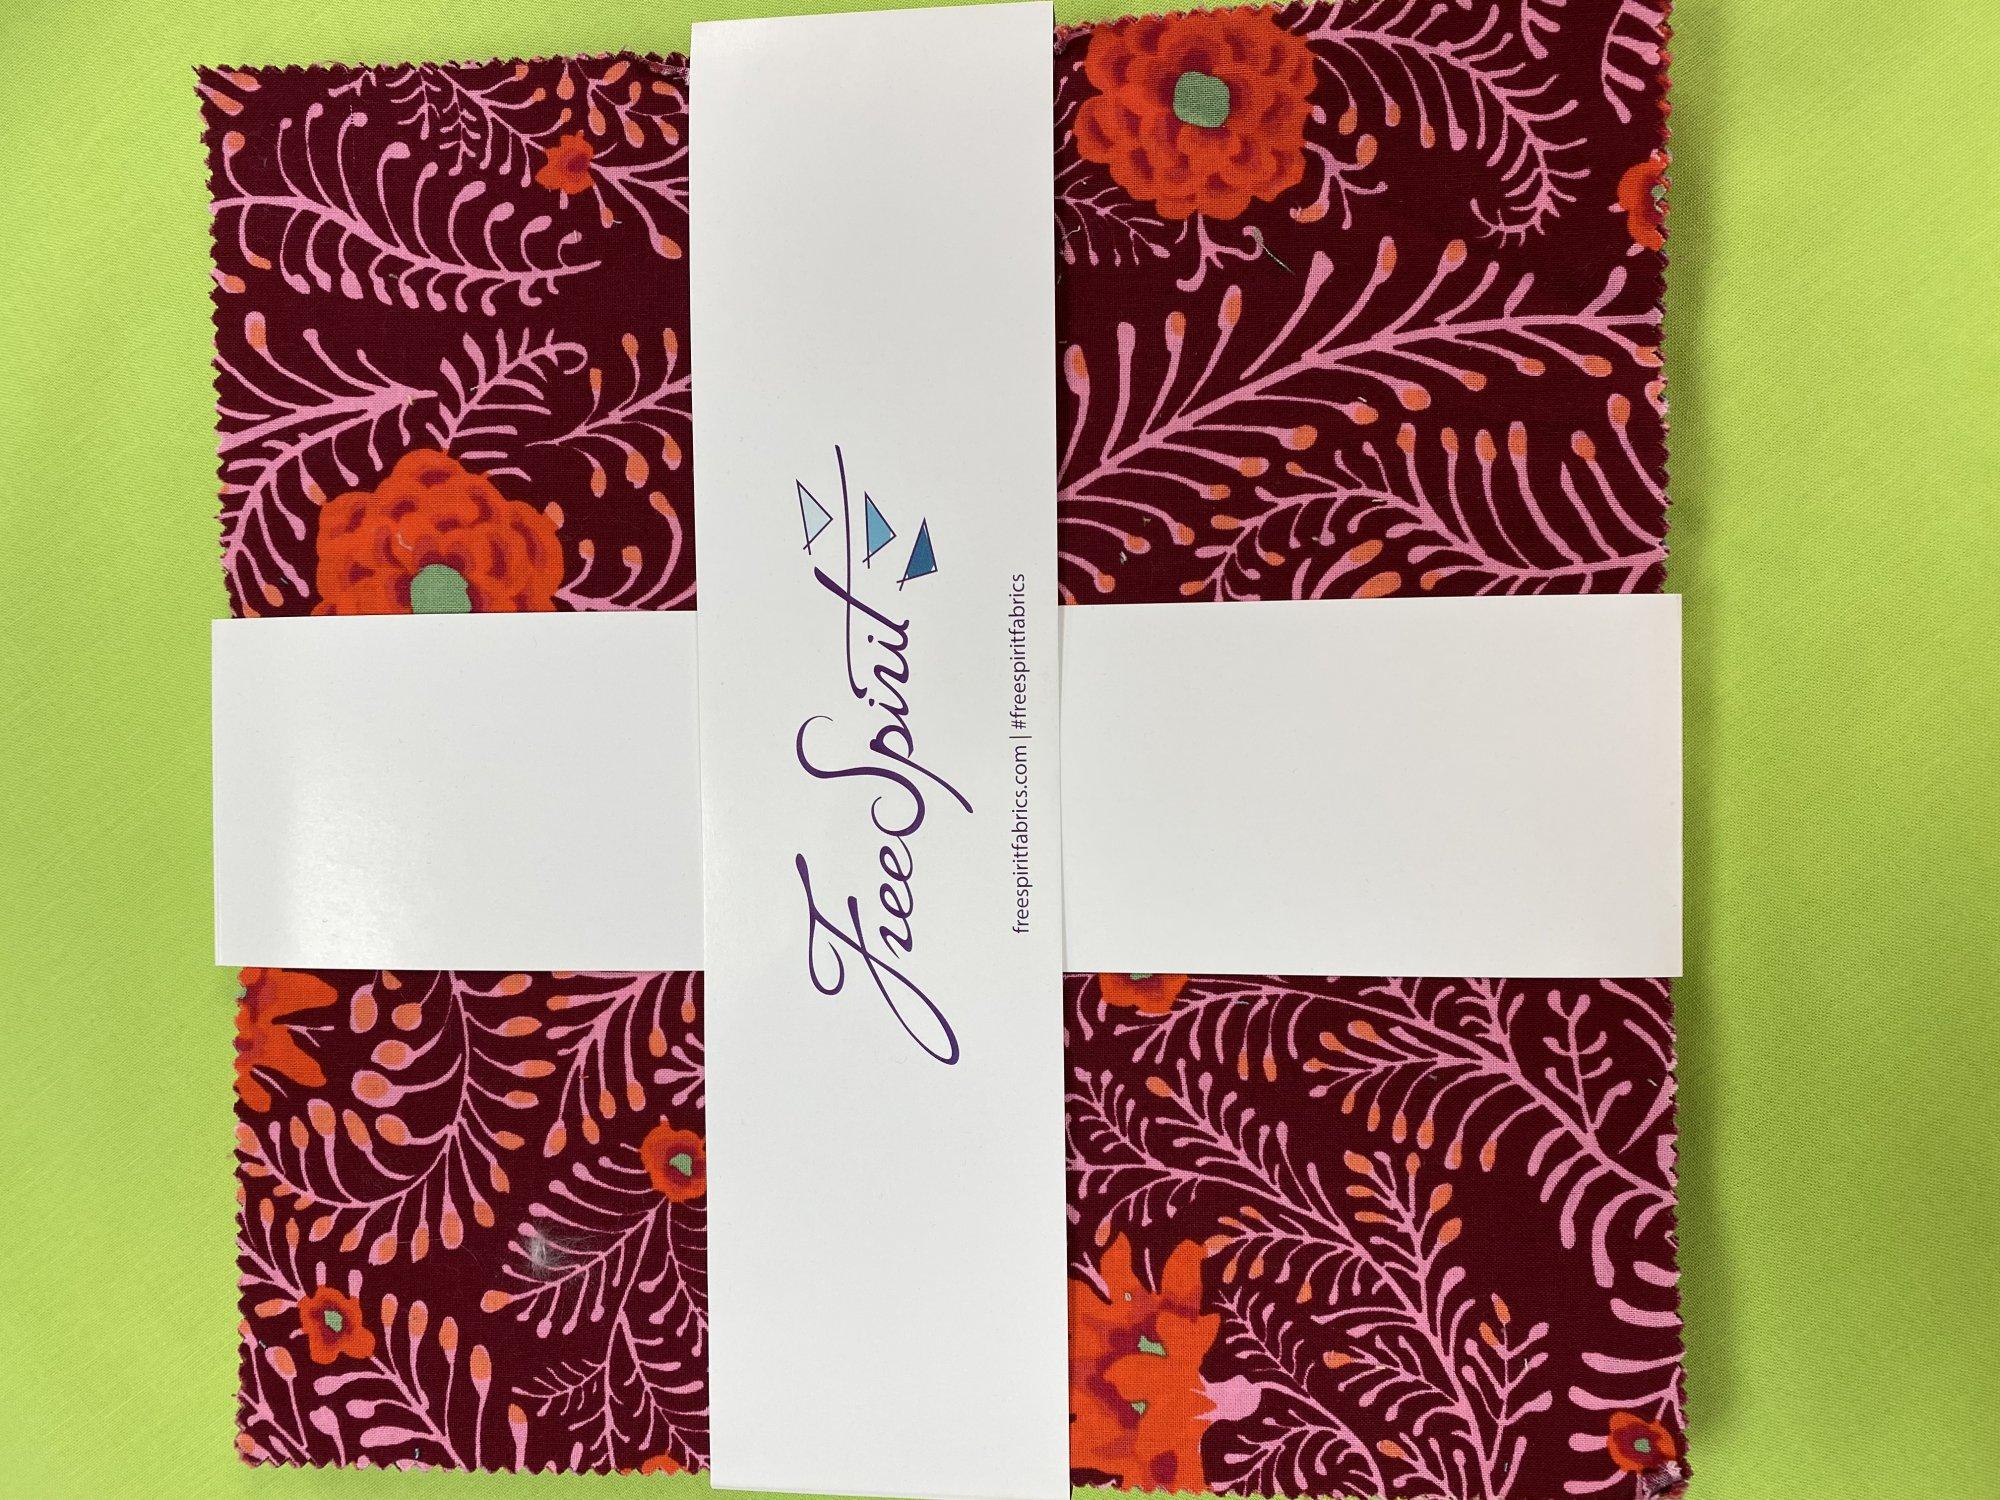 Criss Cross Quilt Kit with Kaffe Fassett Lipstick 10 Charm Pack